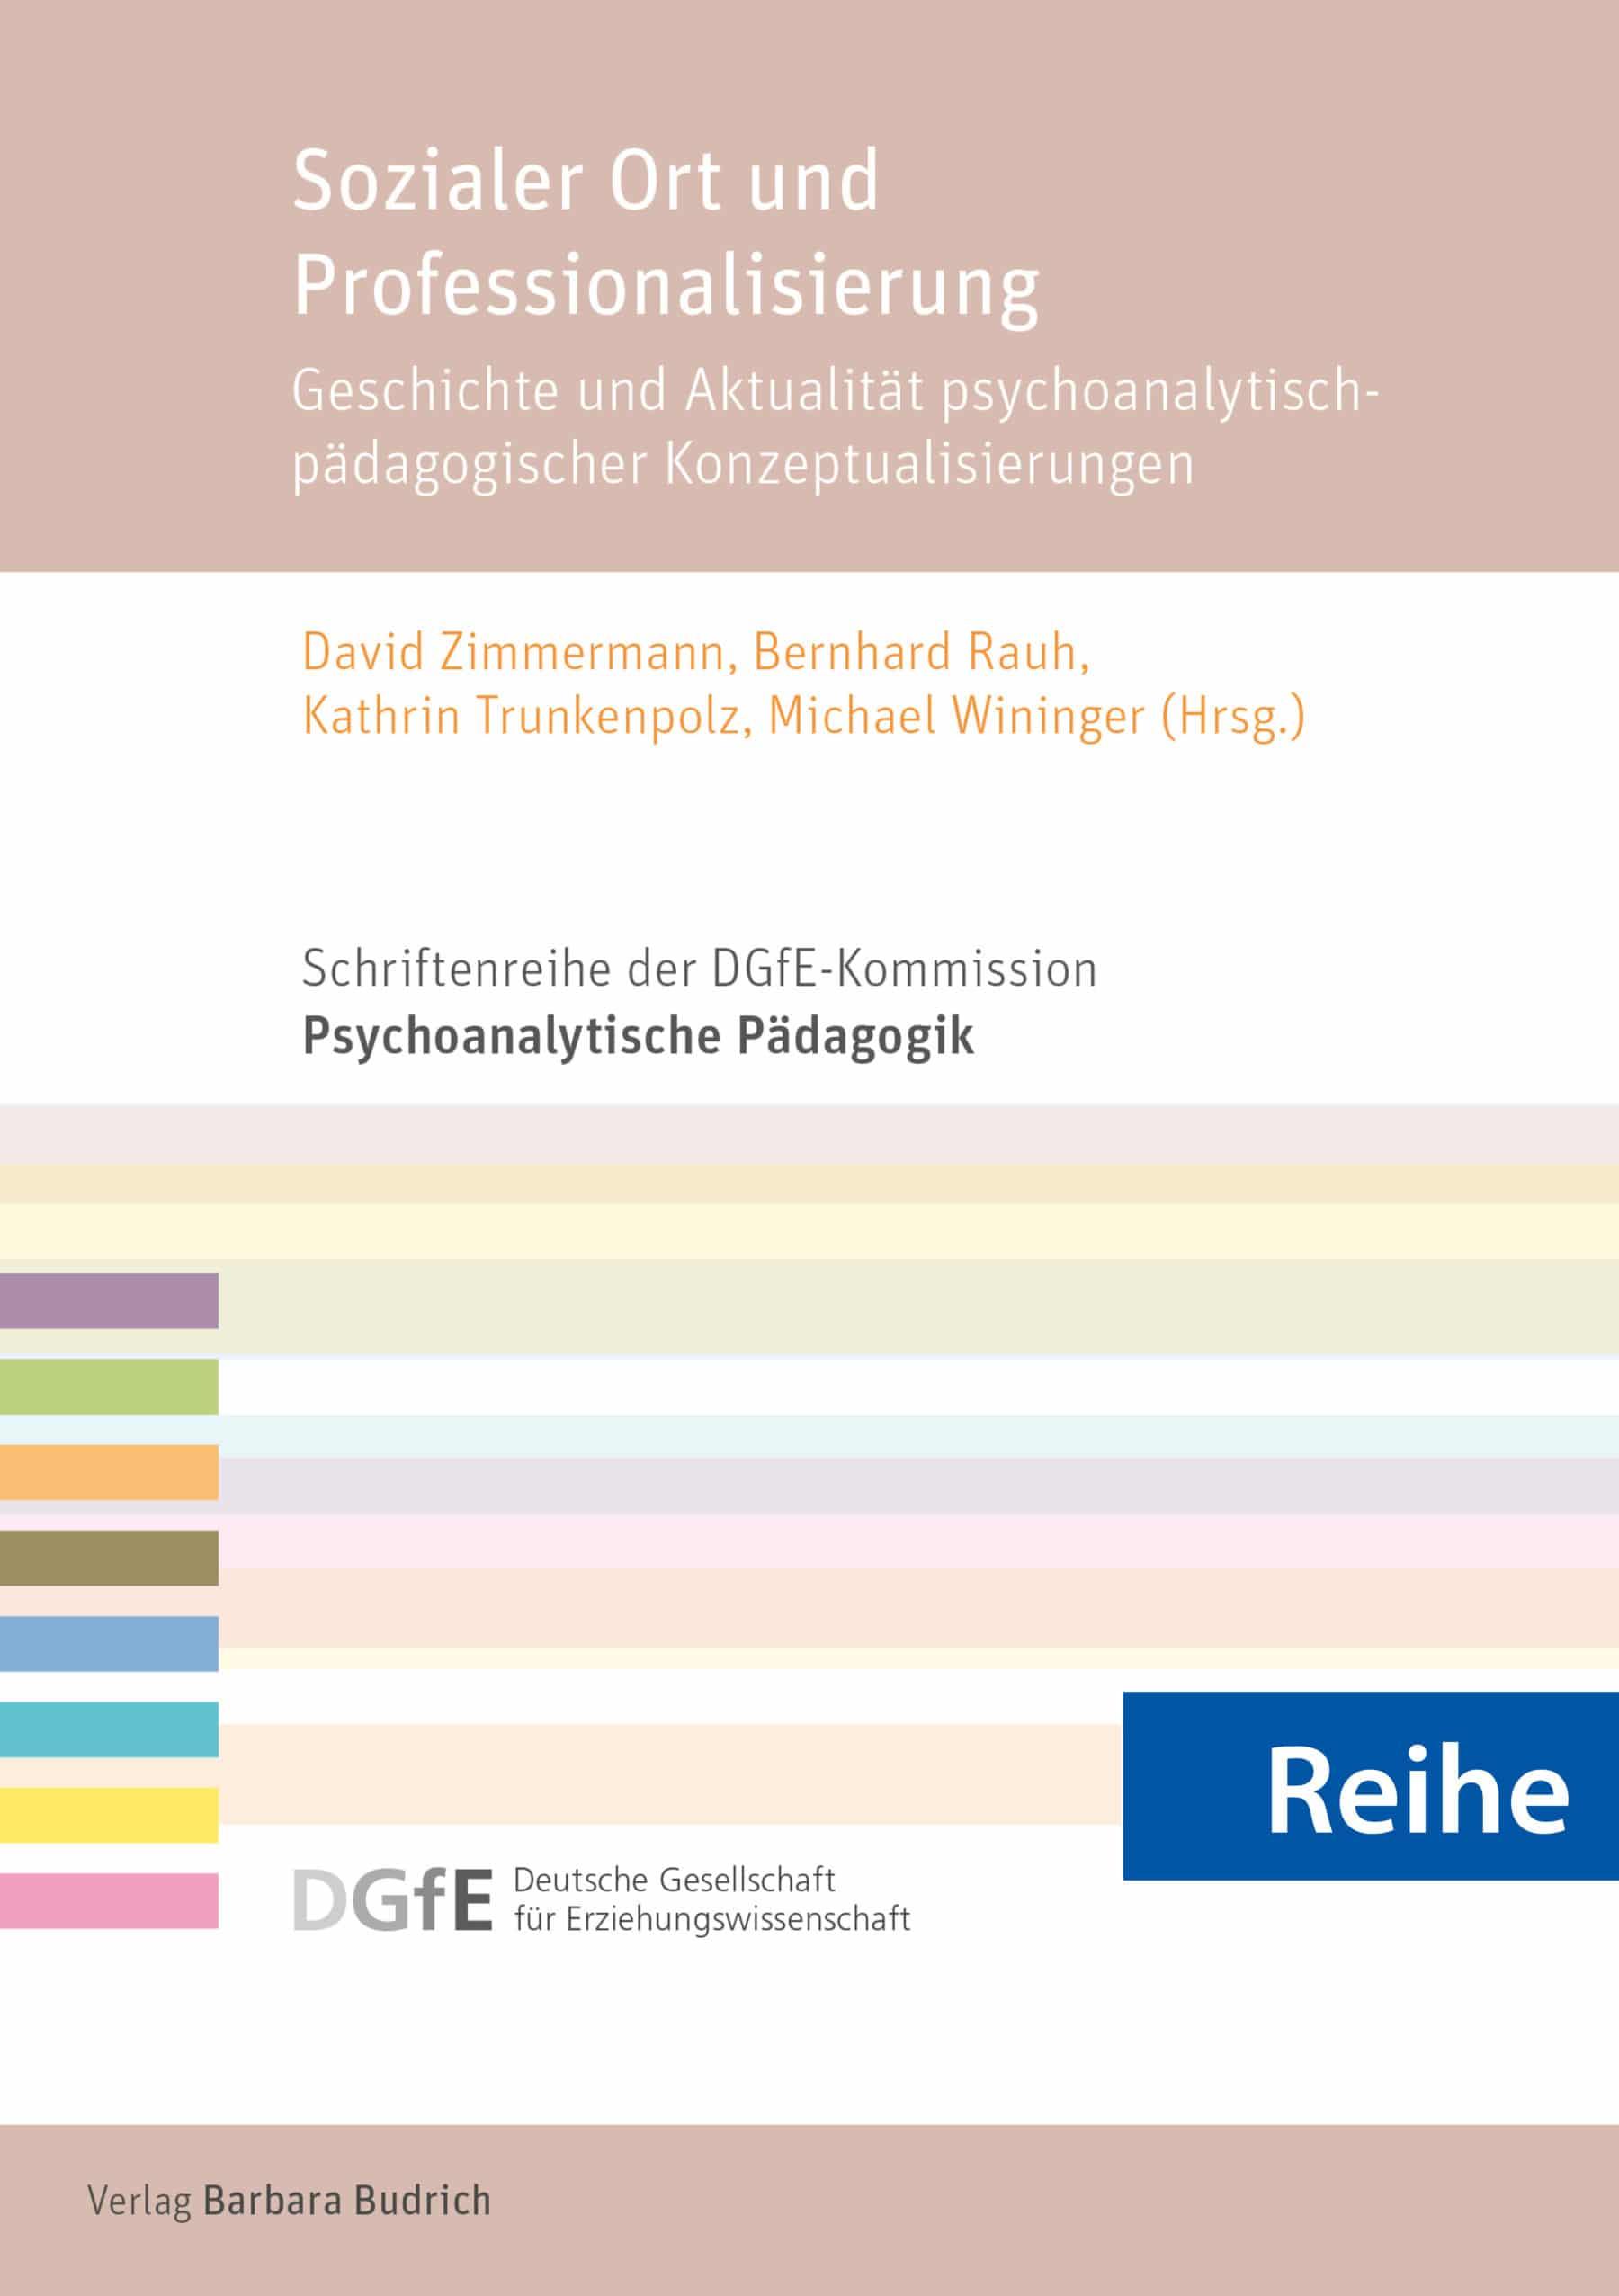 Reihe - Schriftenreihe der DGfE-Kommission Psychoanalytische Pädagogik